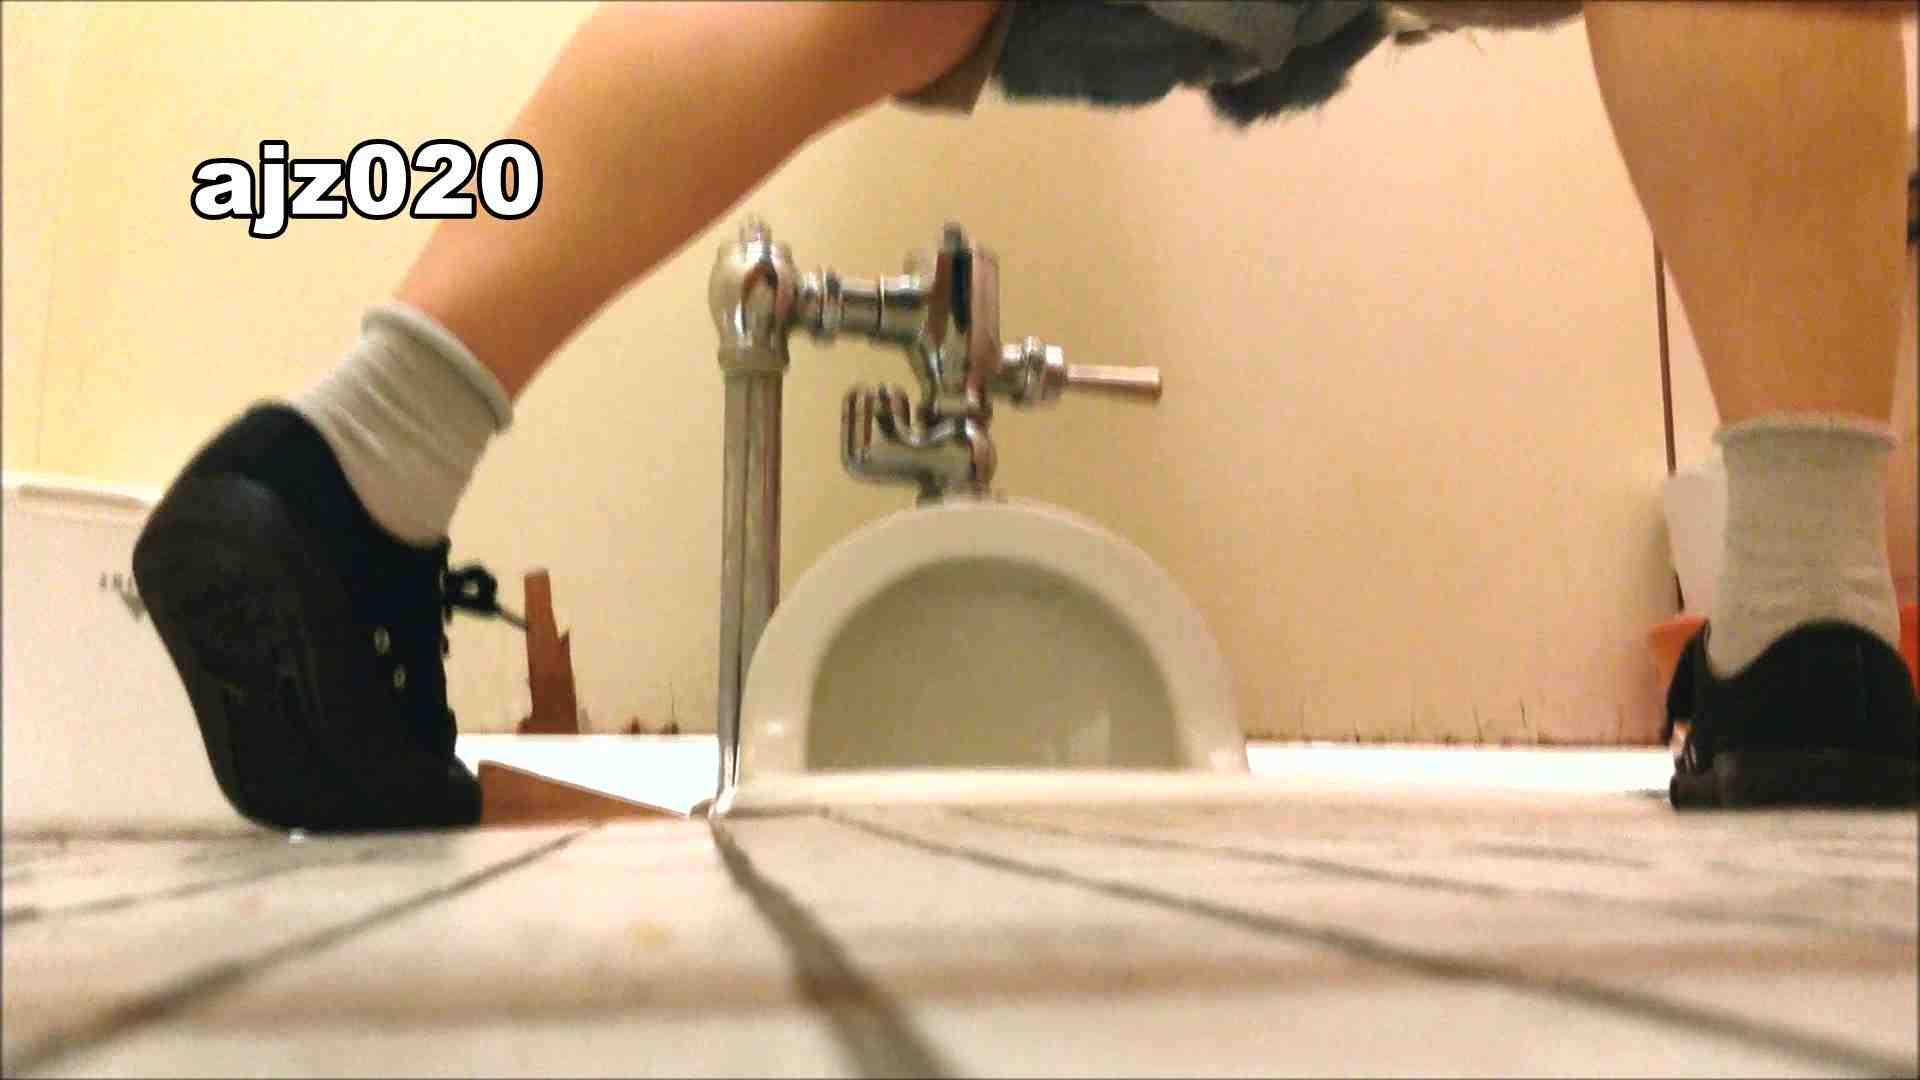 某有名大学女性洗面所 vol.20 洗面所  76PIX 6